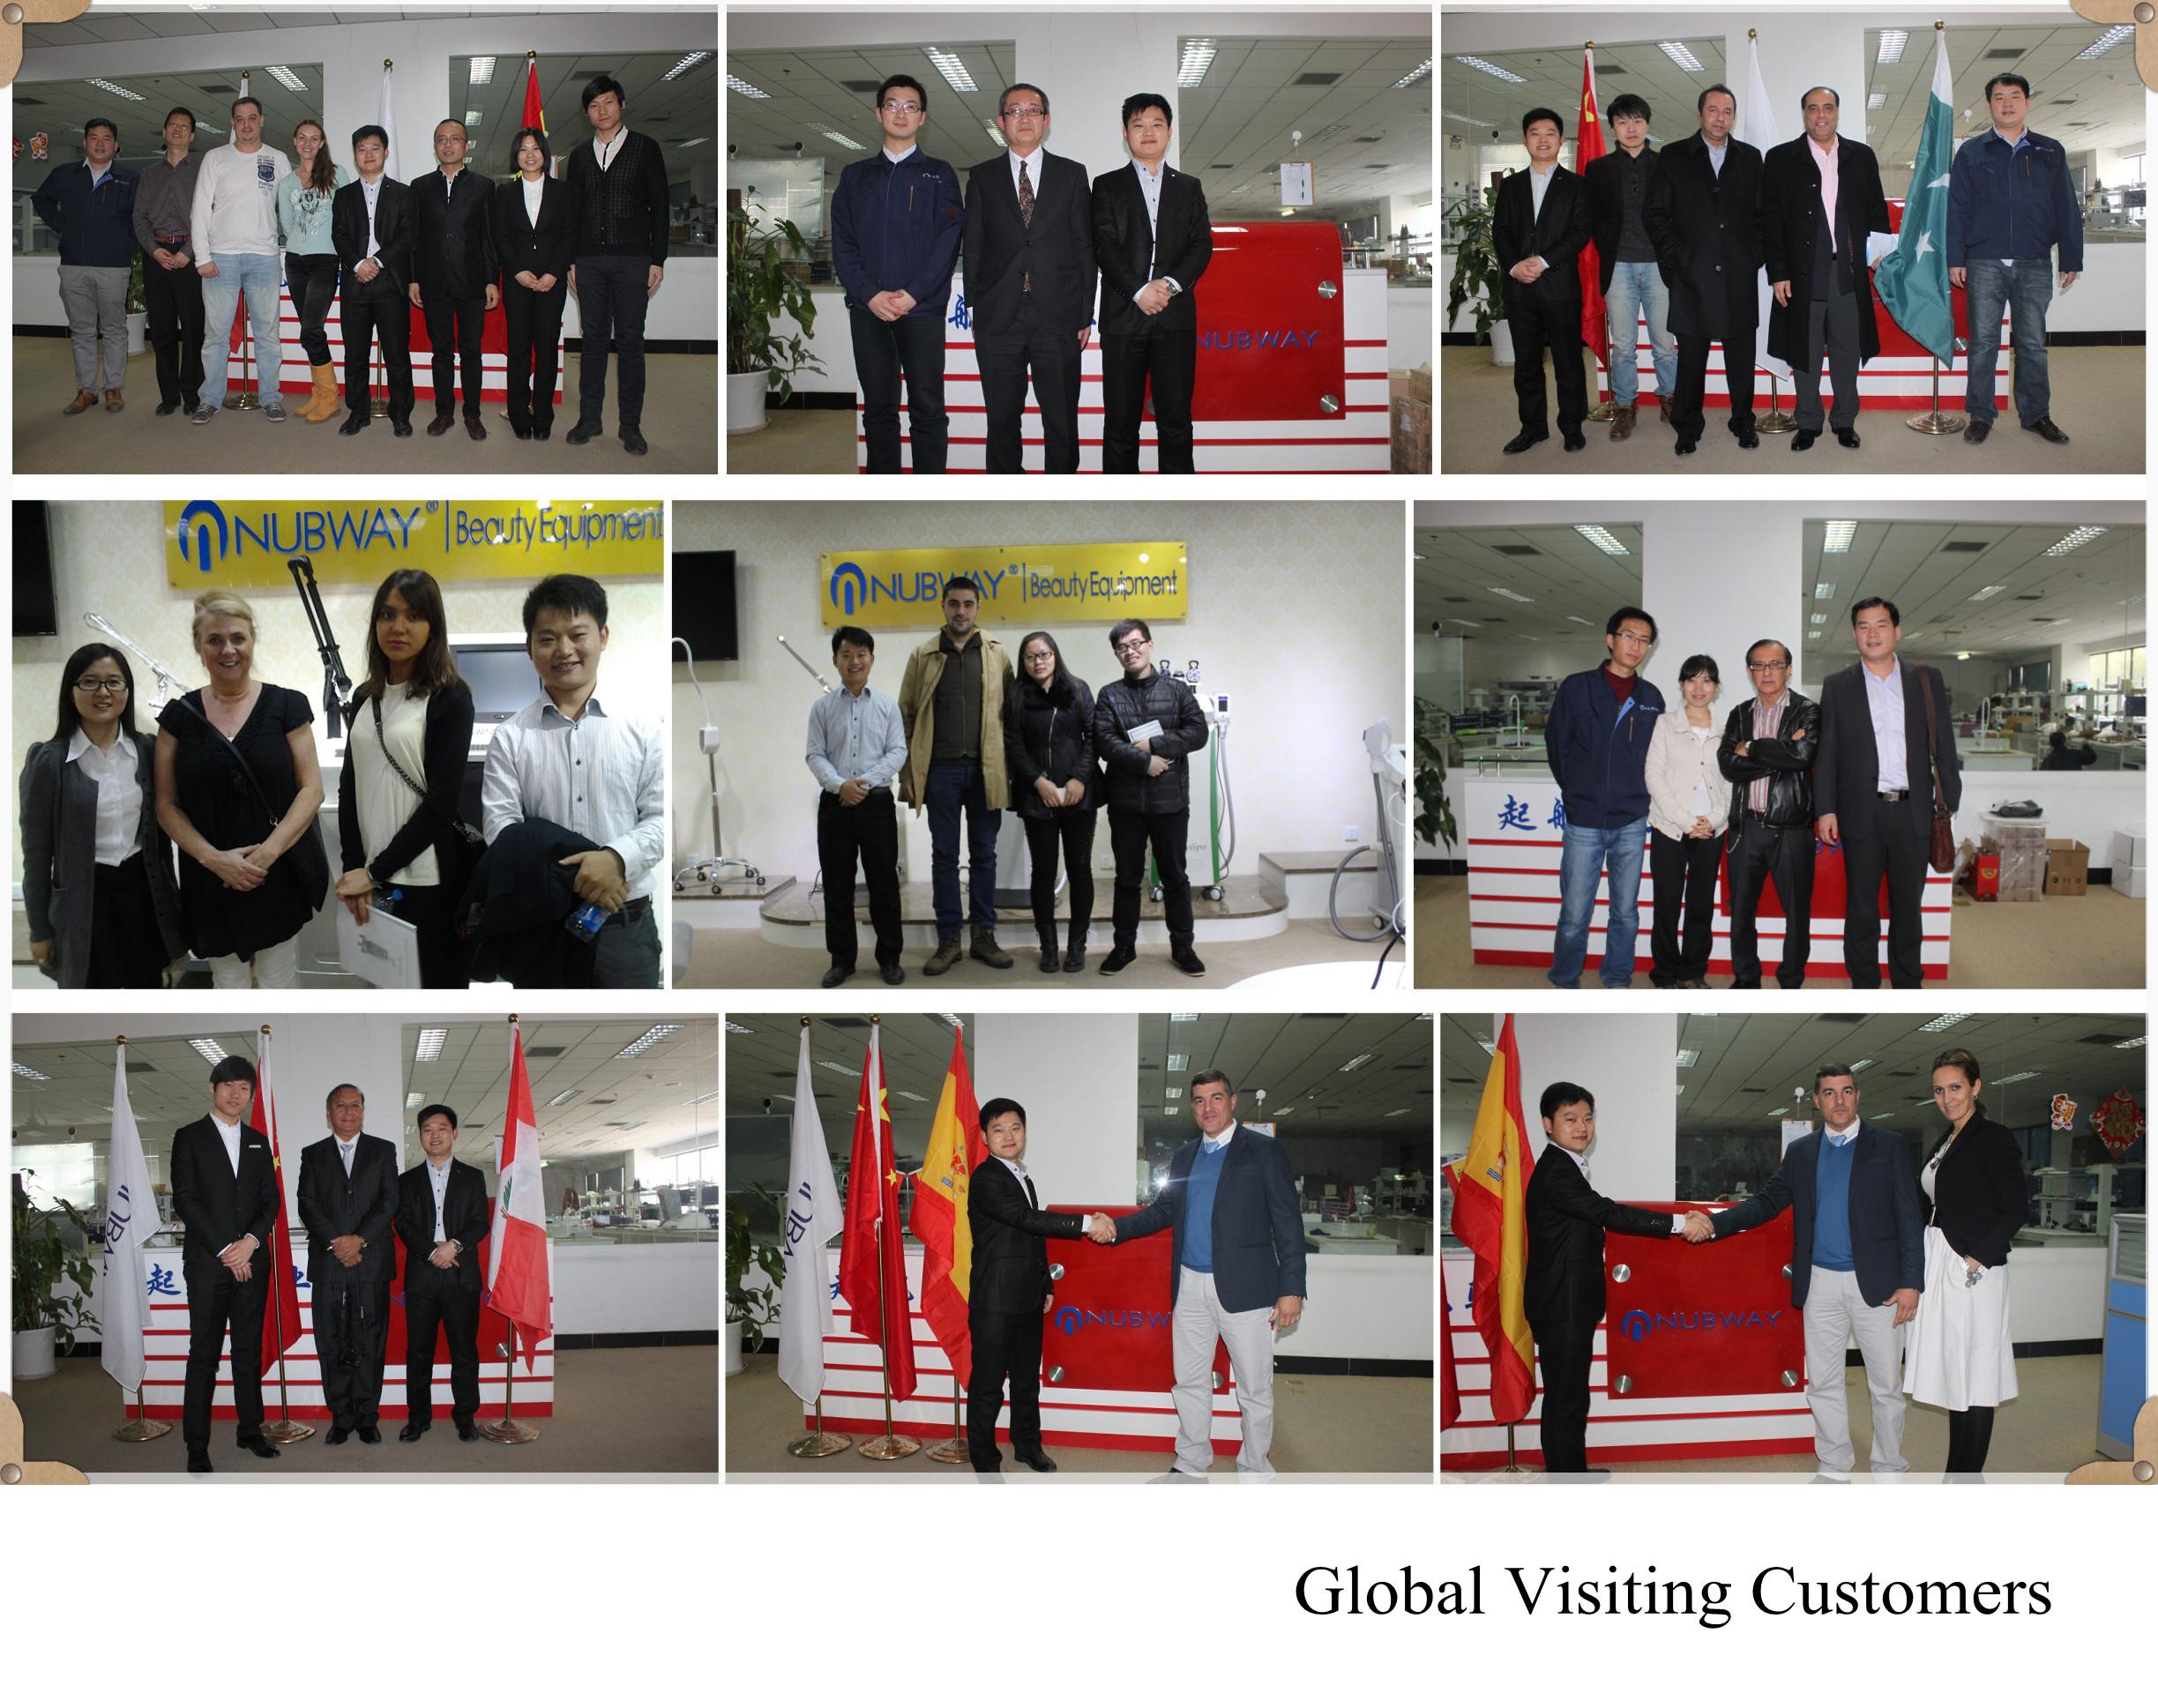 Global visiting customers.jpg